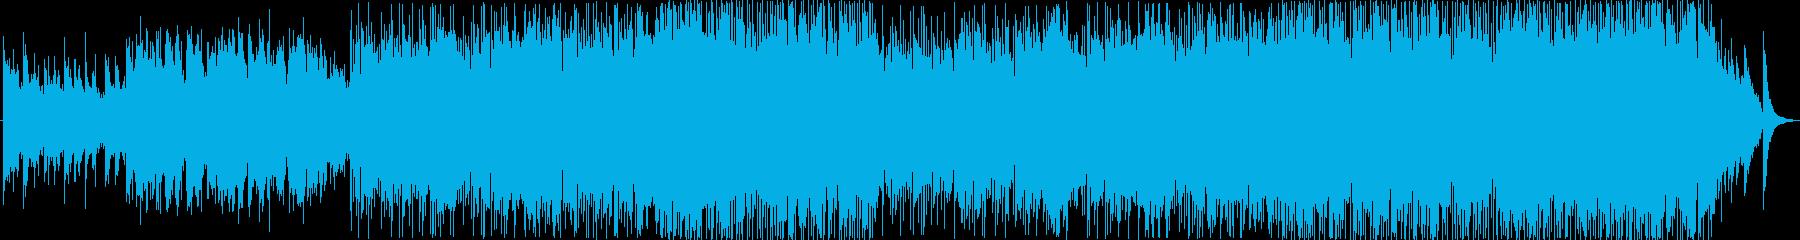 軽快な感じのラブバラードです。の再生済みの波形